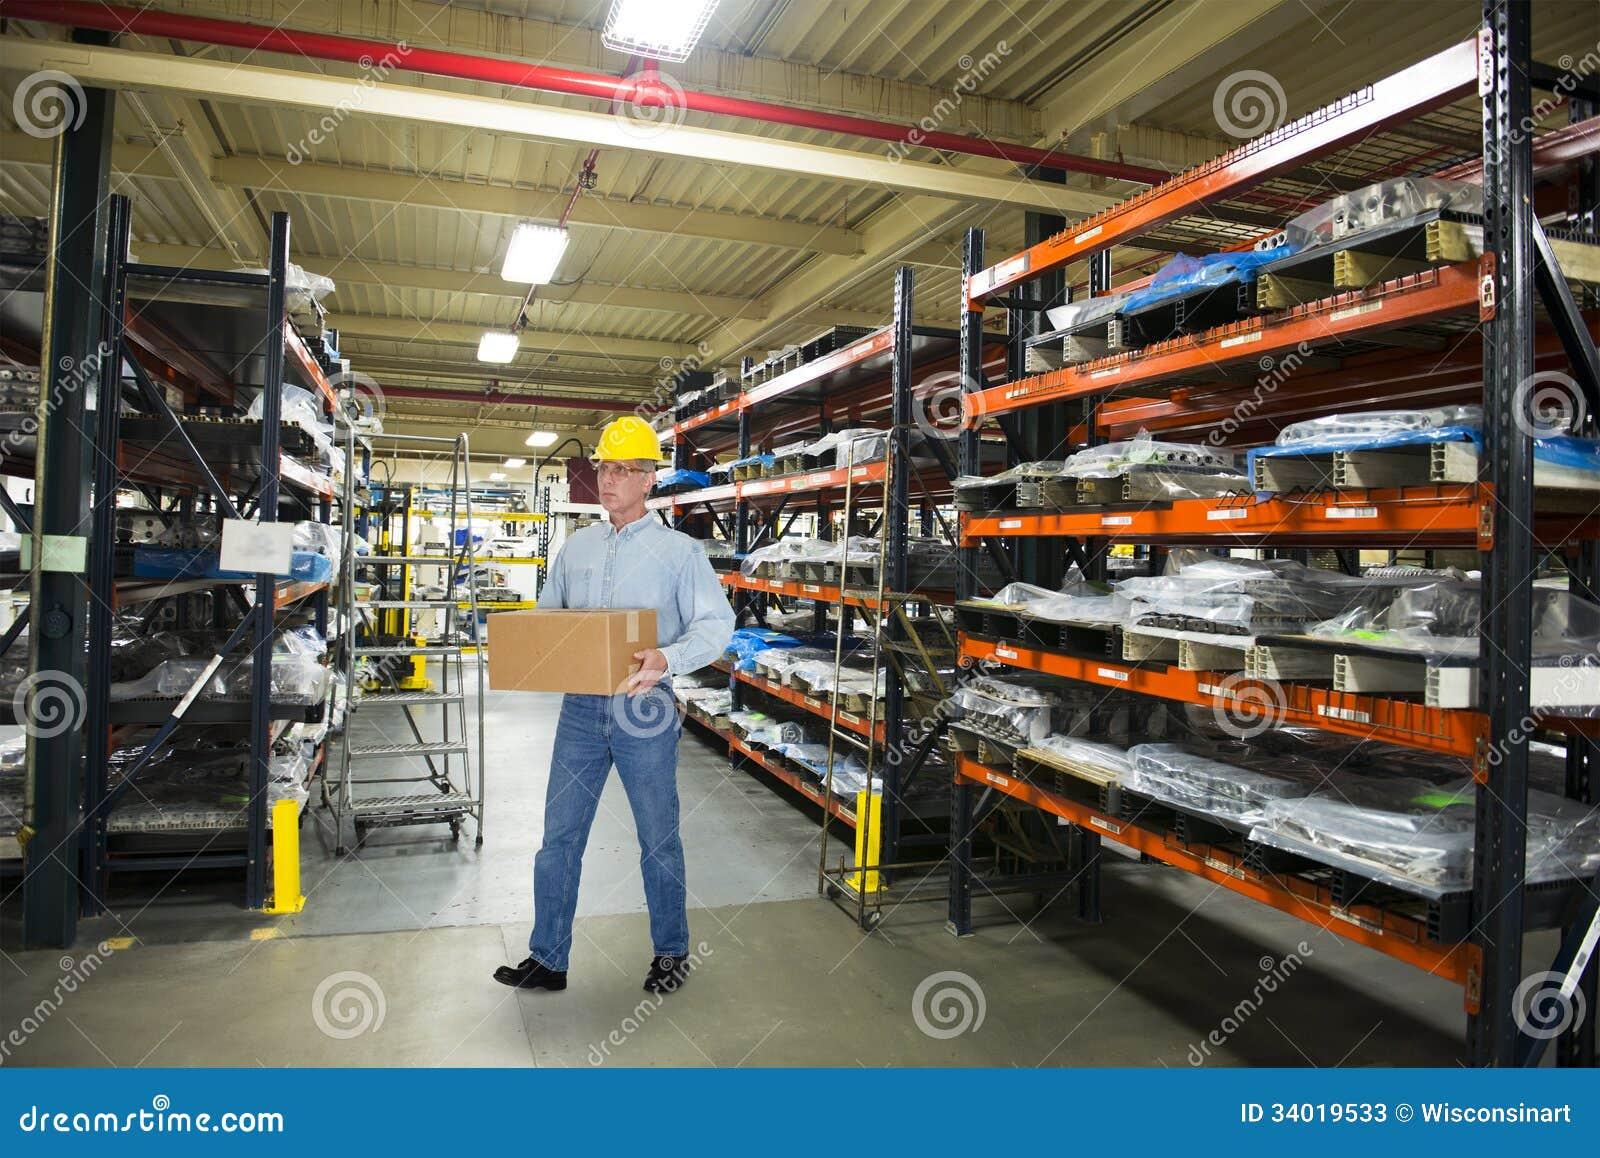 Hombre que trabaja en la fabricación industrial Warehouse